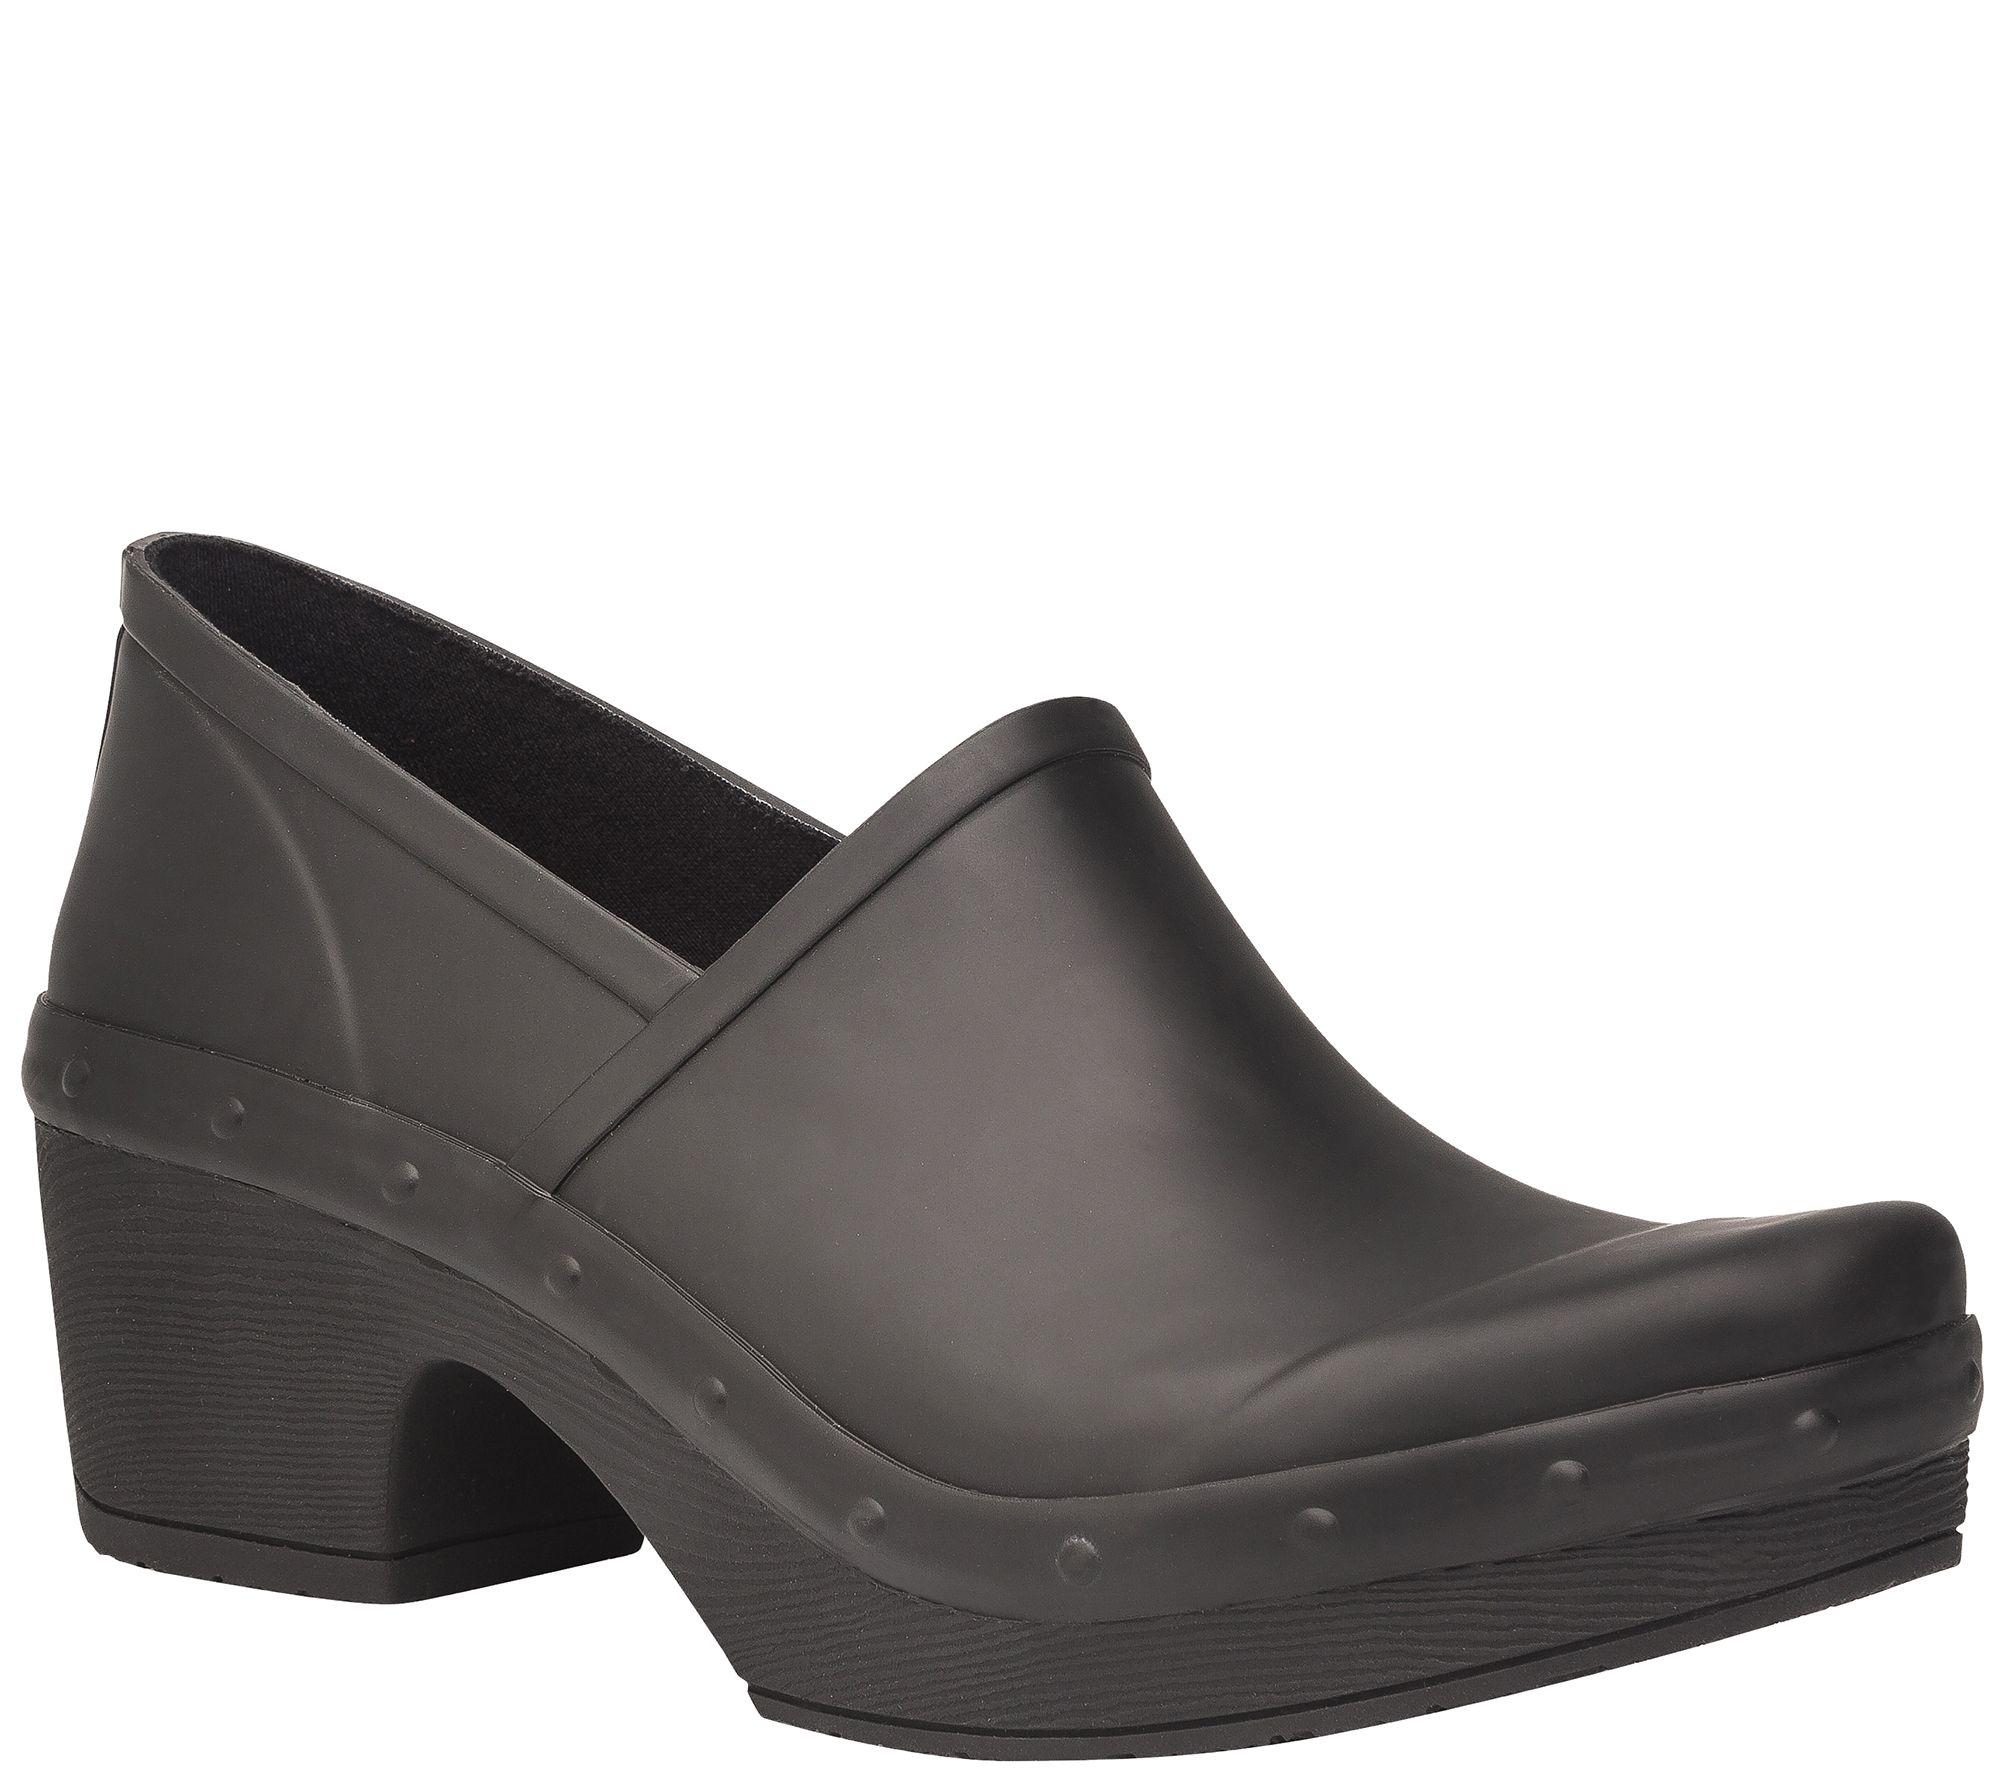 Dansko Shoes Qvc